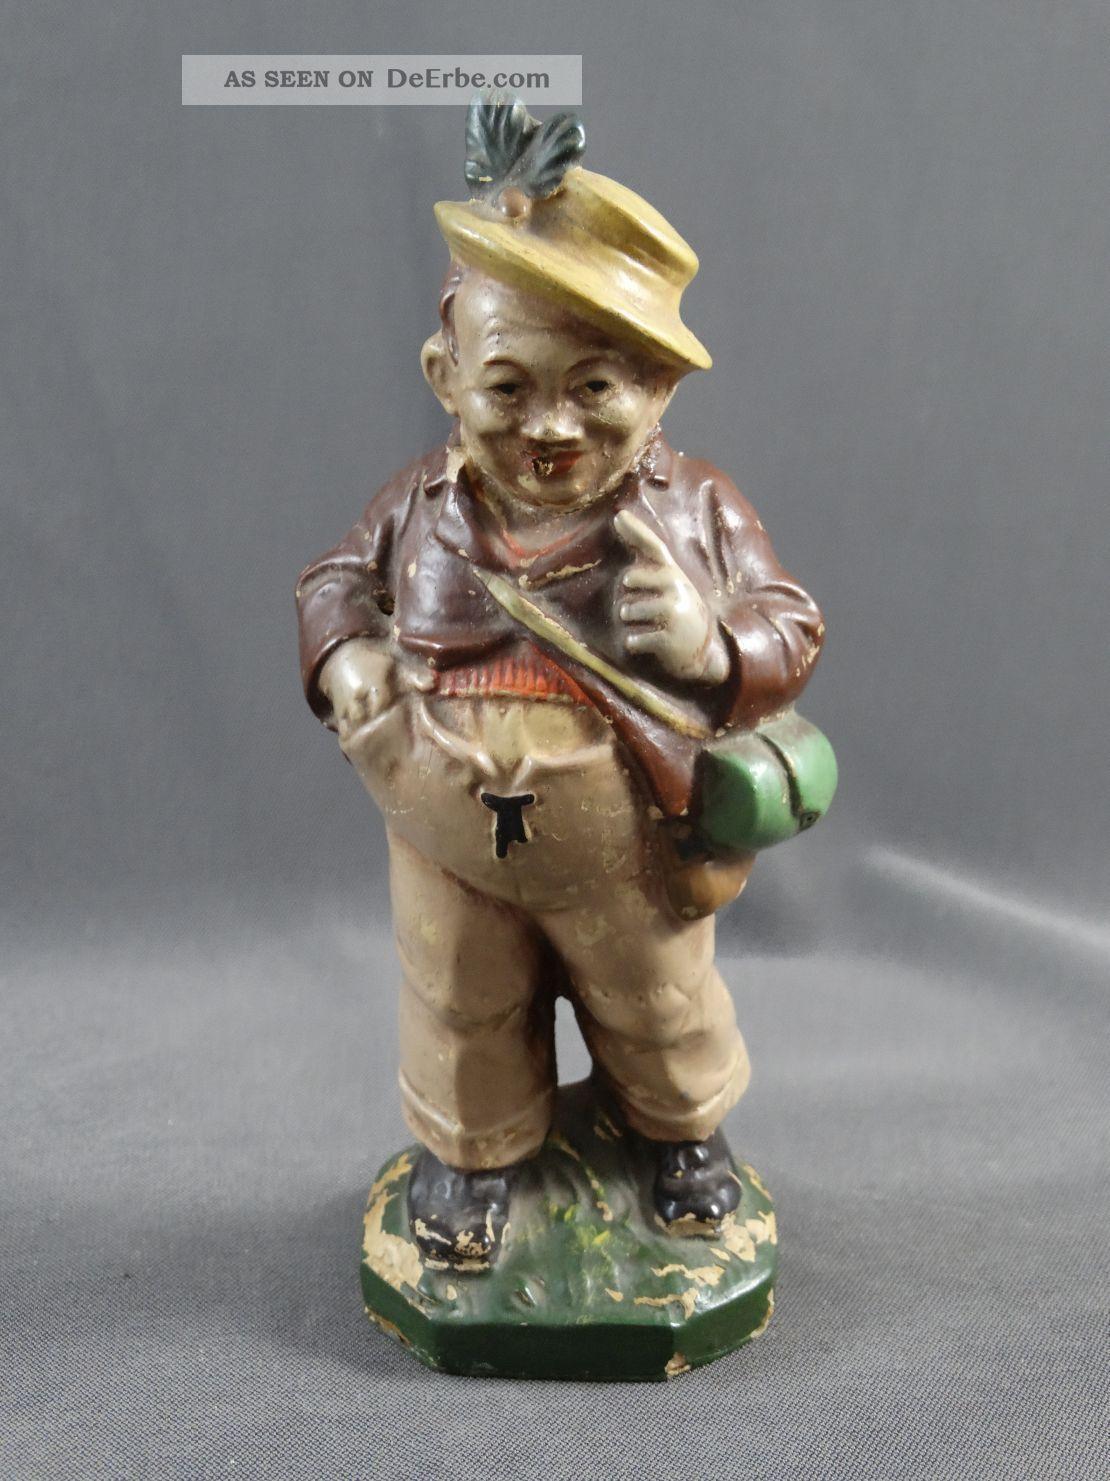 Alte Figur Sonneberger Friedel Masse Pappmaschee Wandersmann Gefertigt nach 1945 Bild